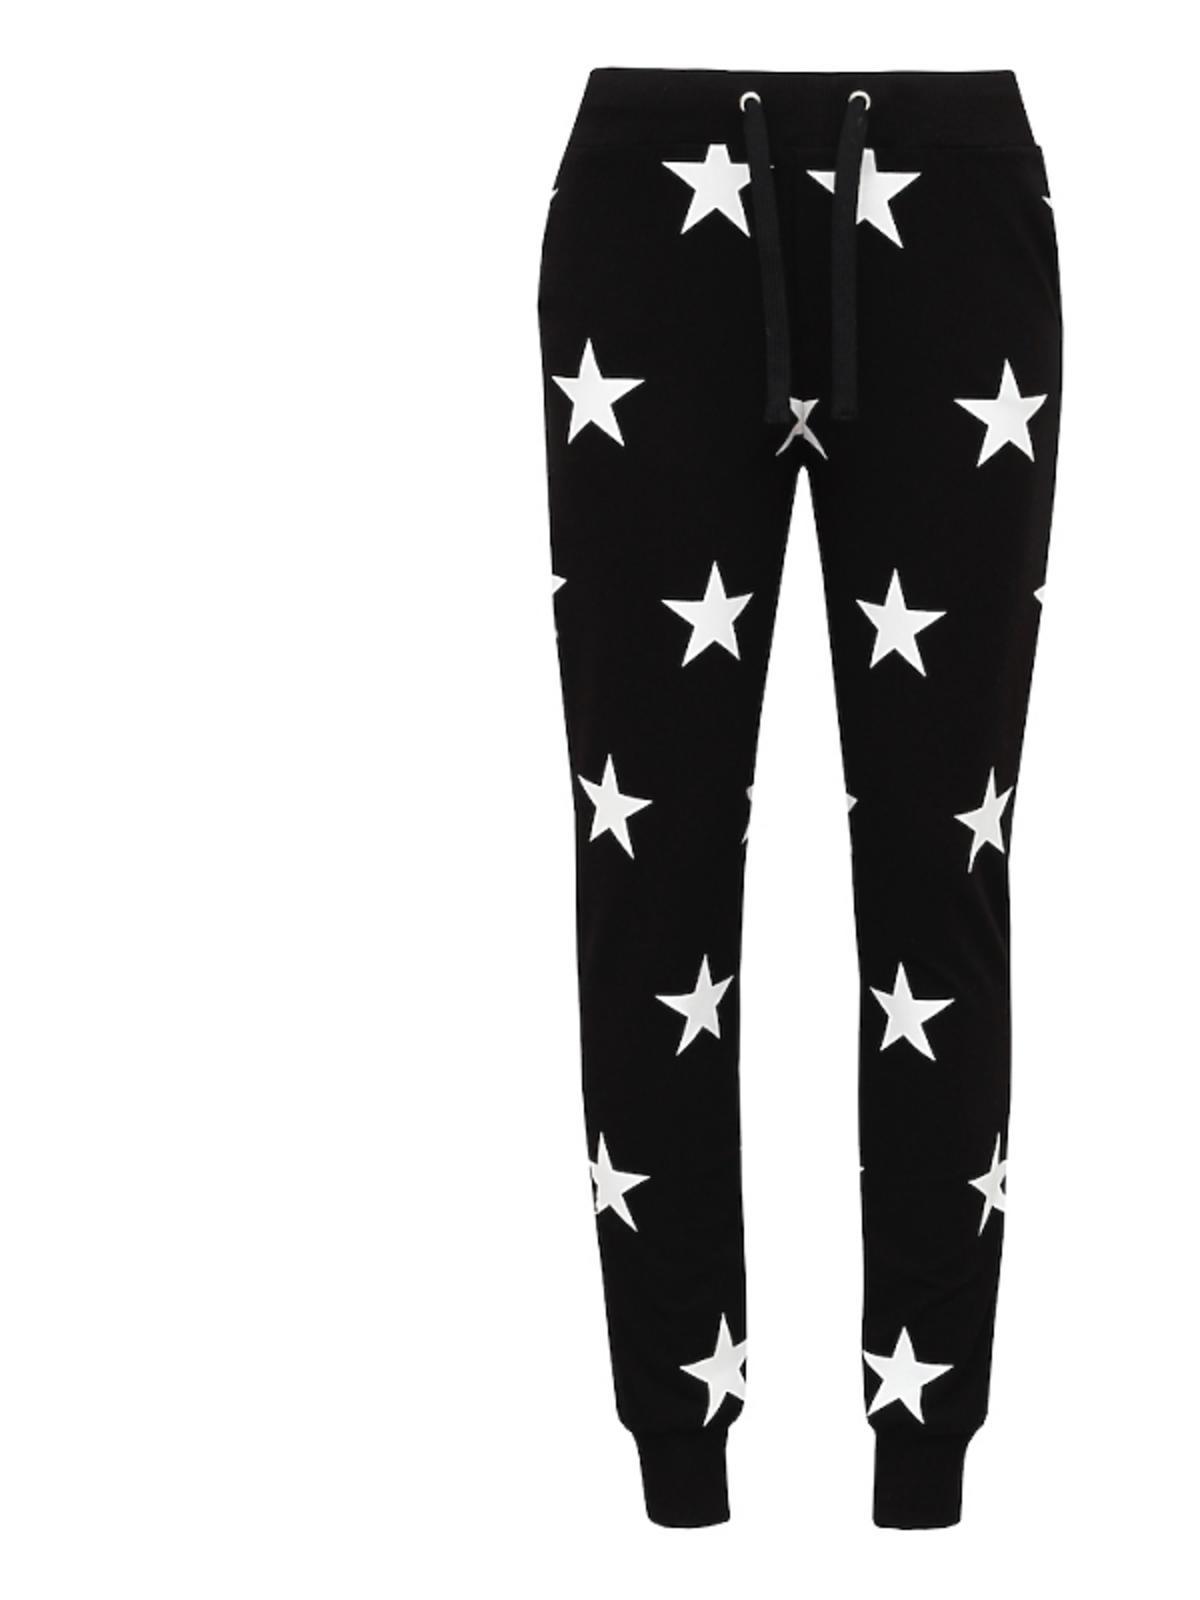 Spodnie czarne w gwiazdki